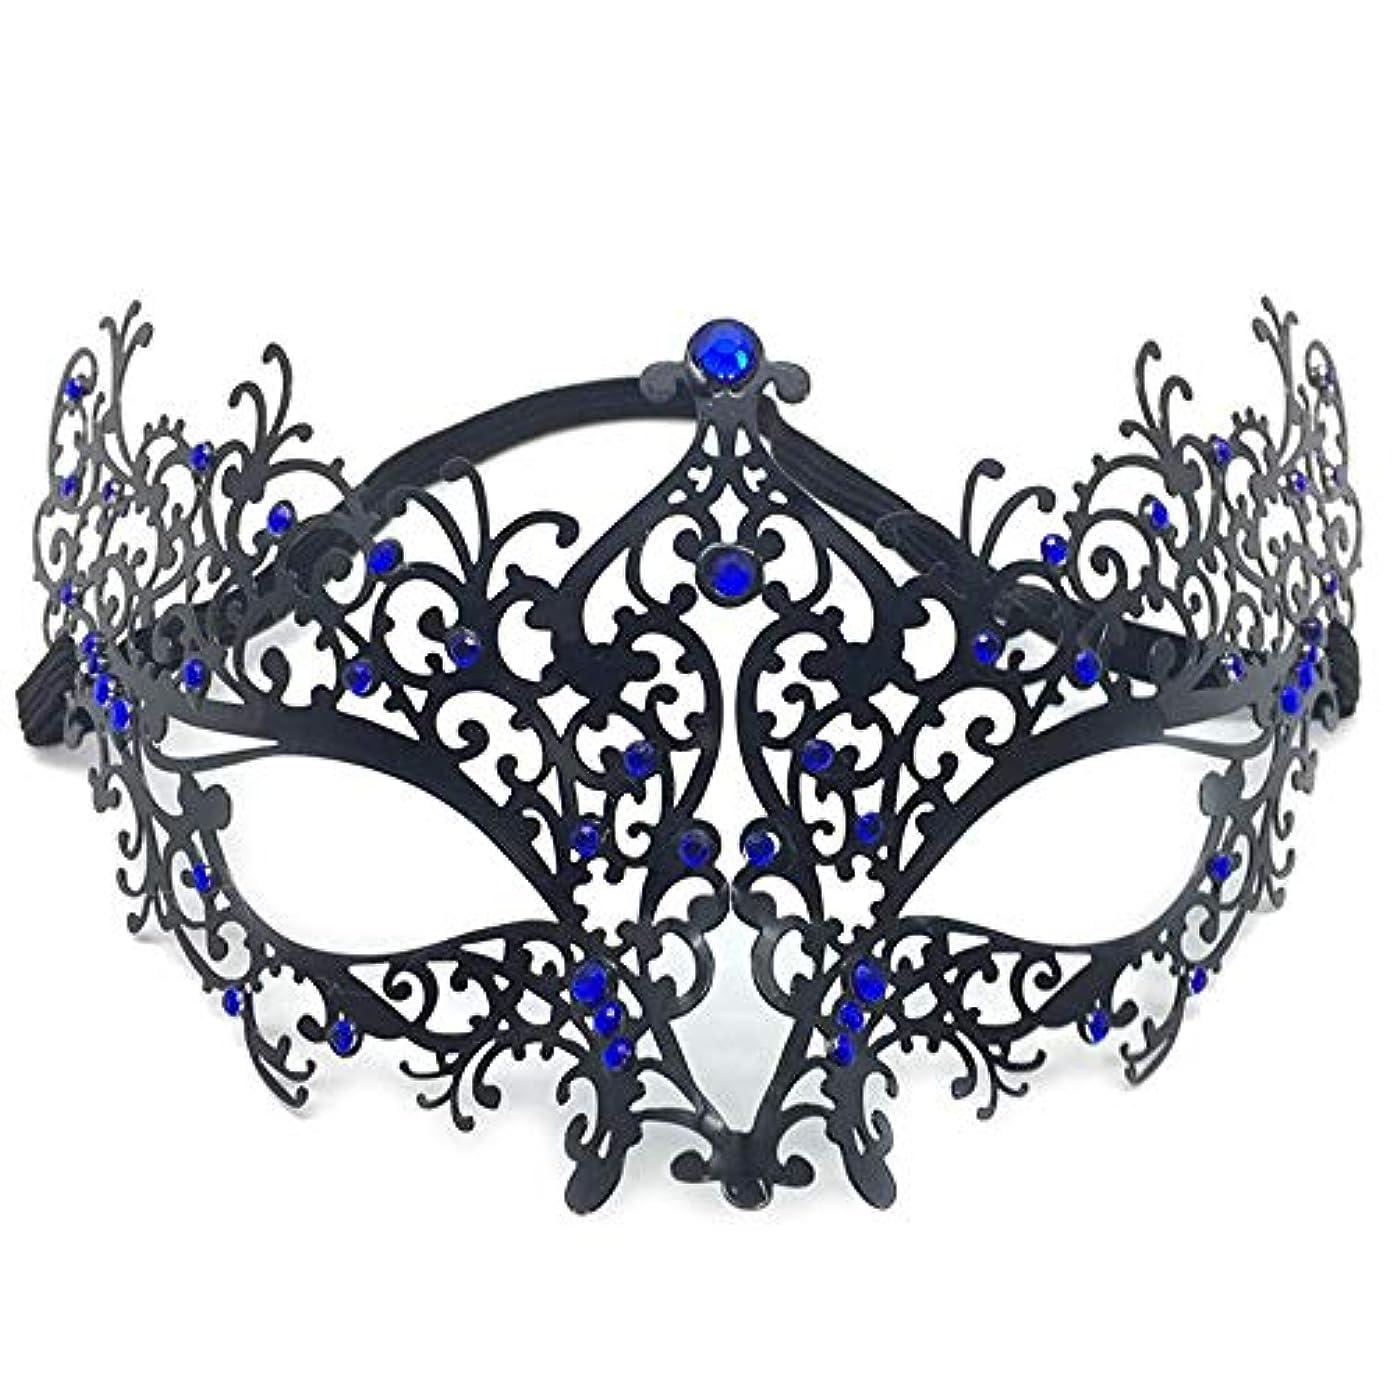 懸念提供する推定する仮面舞踏会アイアンマスクパーティーCOSはメタリックダイヤモンドハーフフェイスハロウィンアイアンマスクをドレスアップ (Color : A)